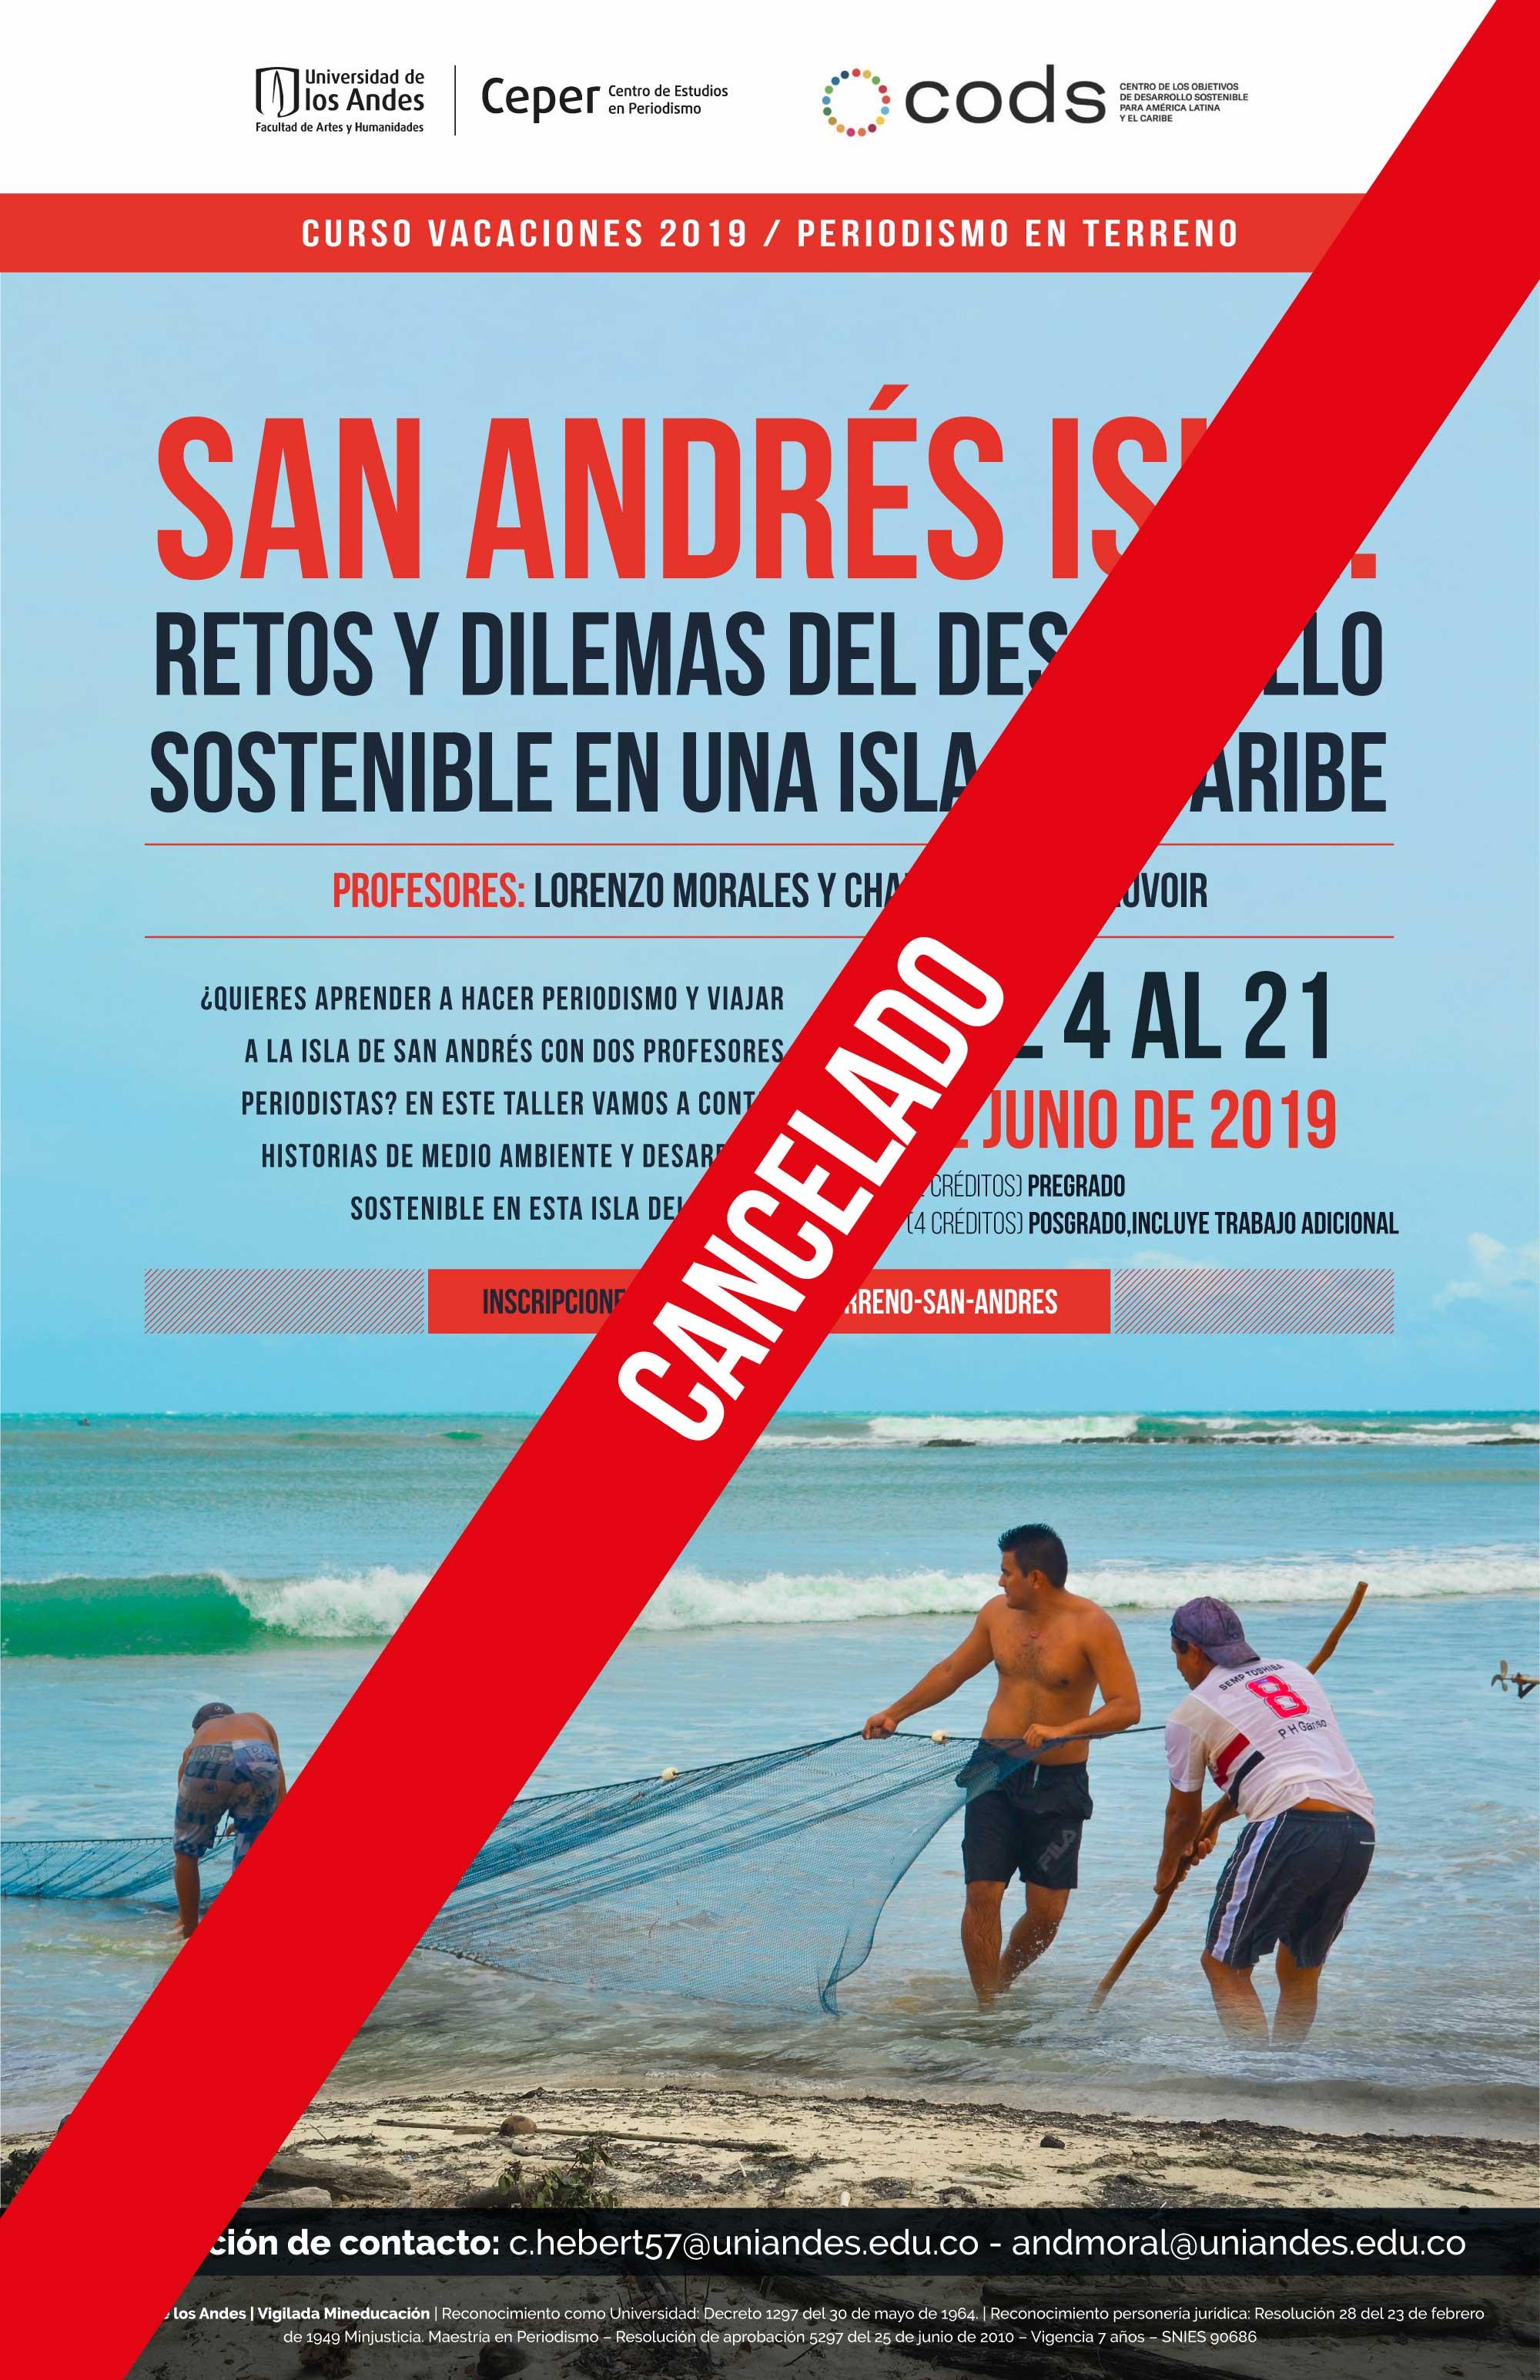 Cancelado: Curso de vacaciones 2019 / Periodismo en terreno – San Andrés isla: retos y dilemas del desarrollo sostenible en una isla del caribe